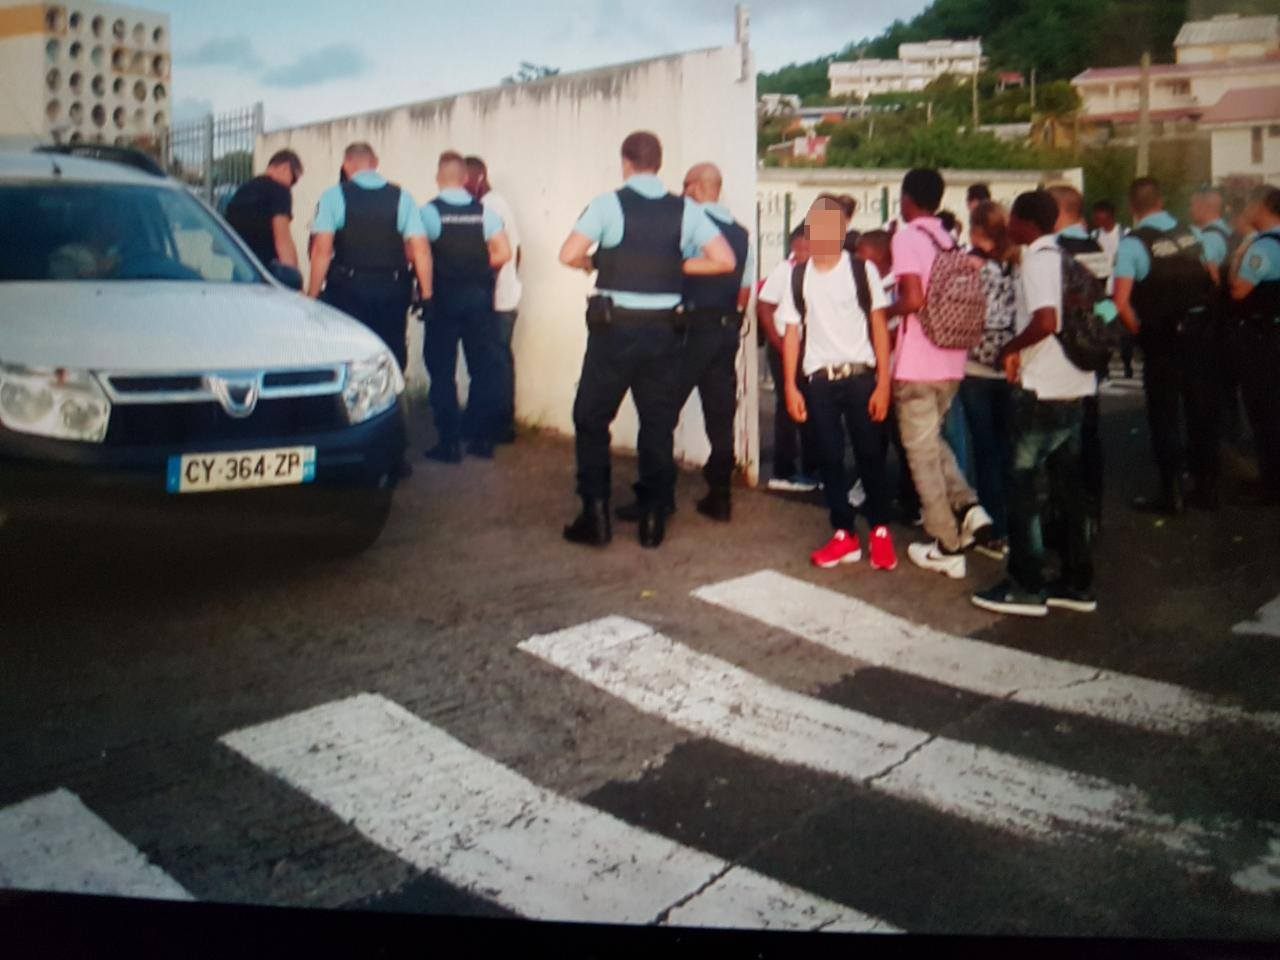 Contrôle de Gendarmerie aux abords d'un établissement scolaire...Des produits stupéfiants !